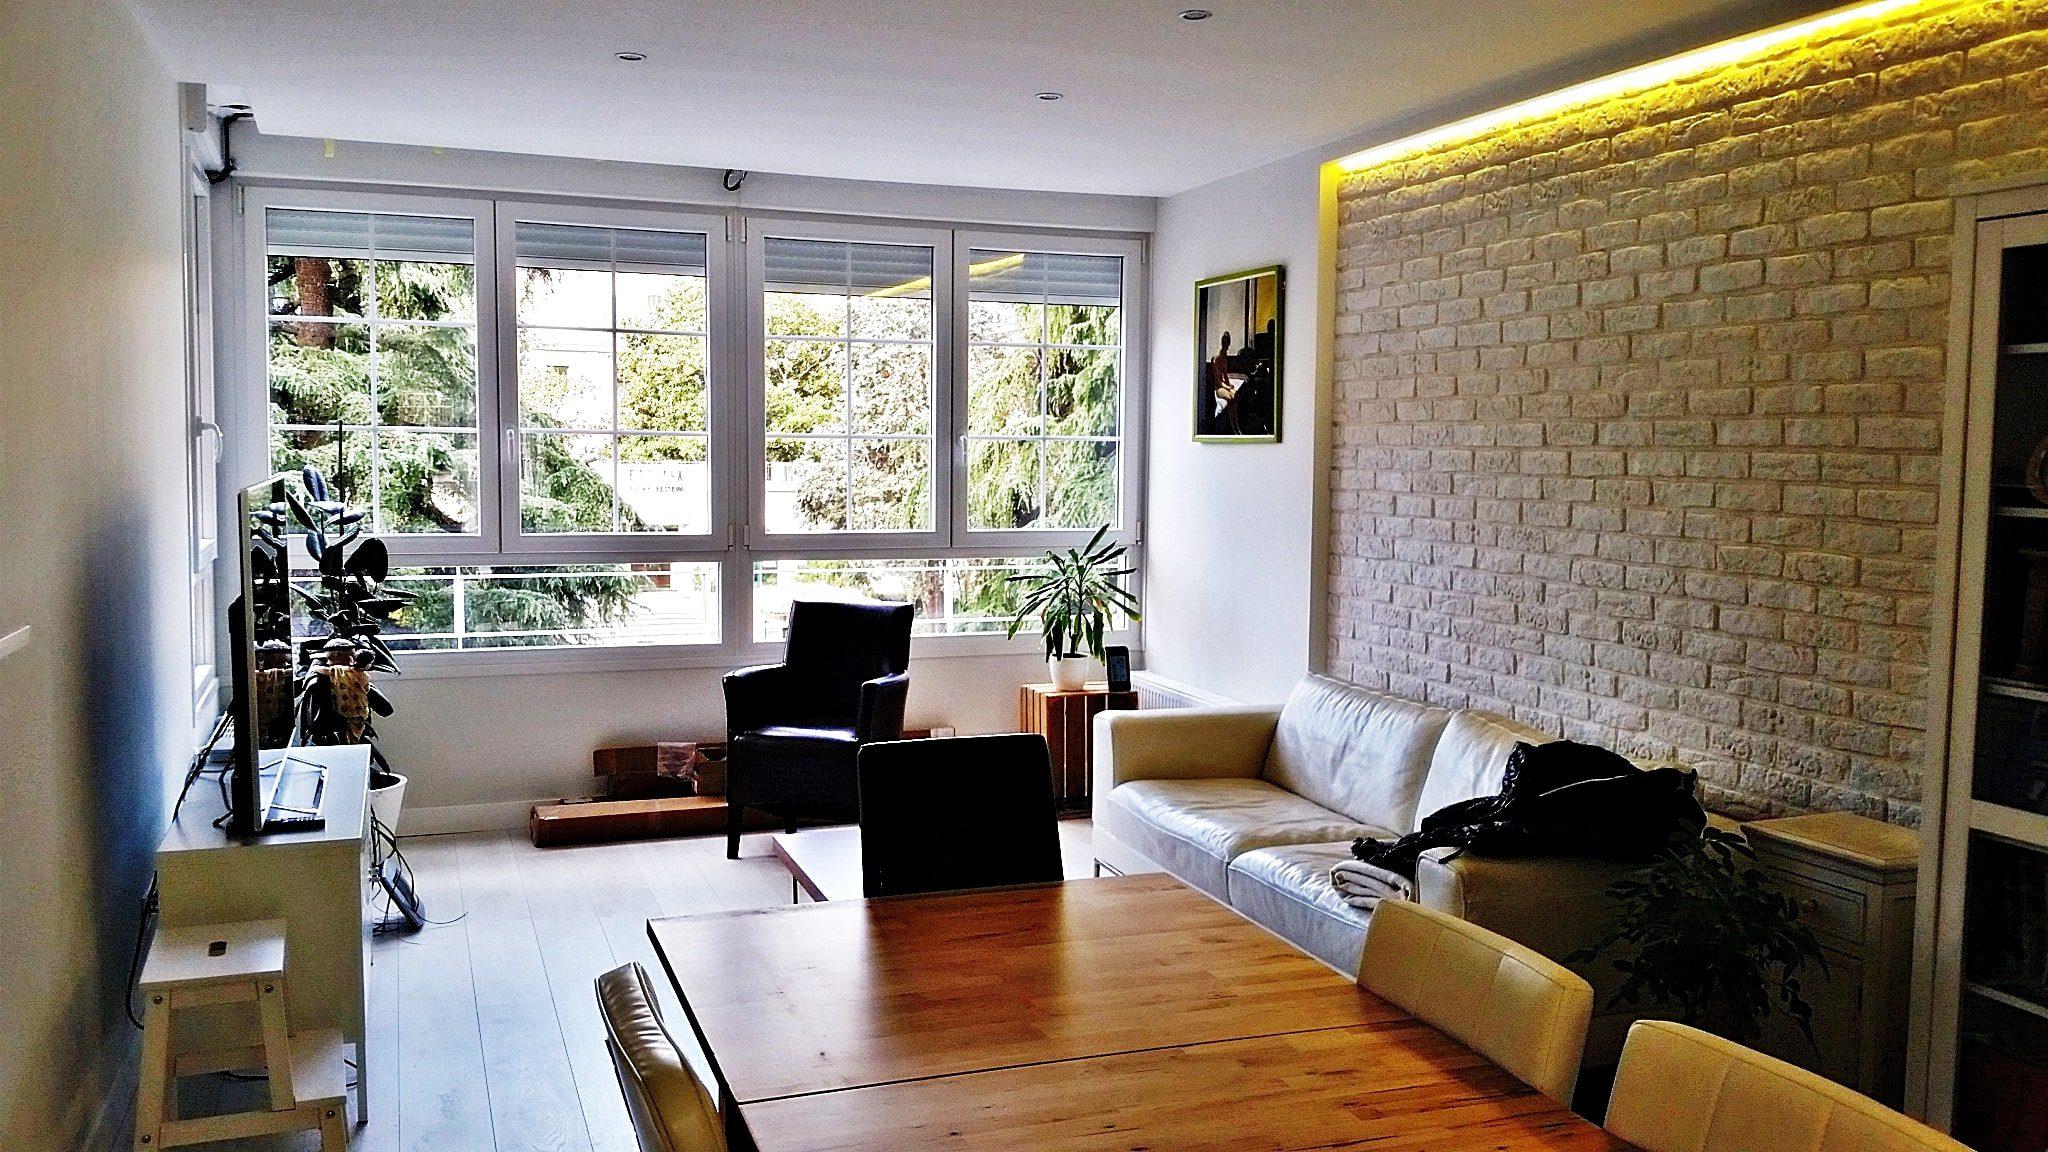 Reforma de una vivienda en el barrio de Guindalera, Madrid